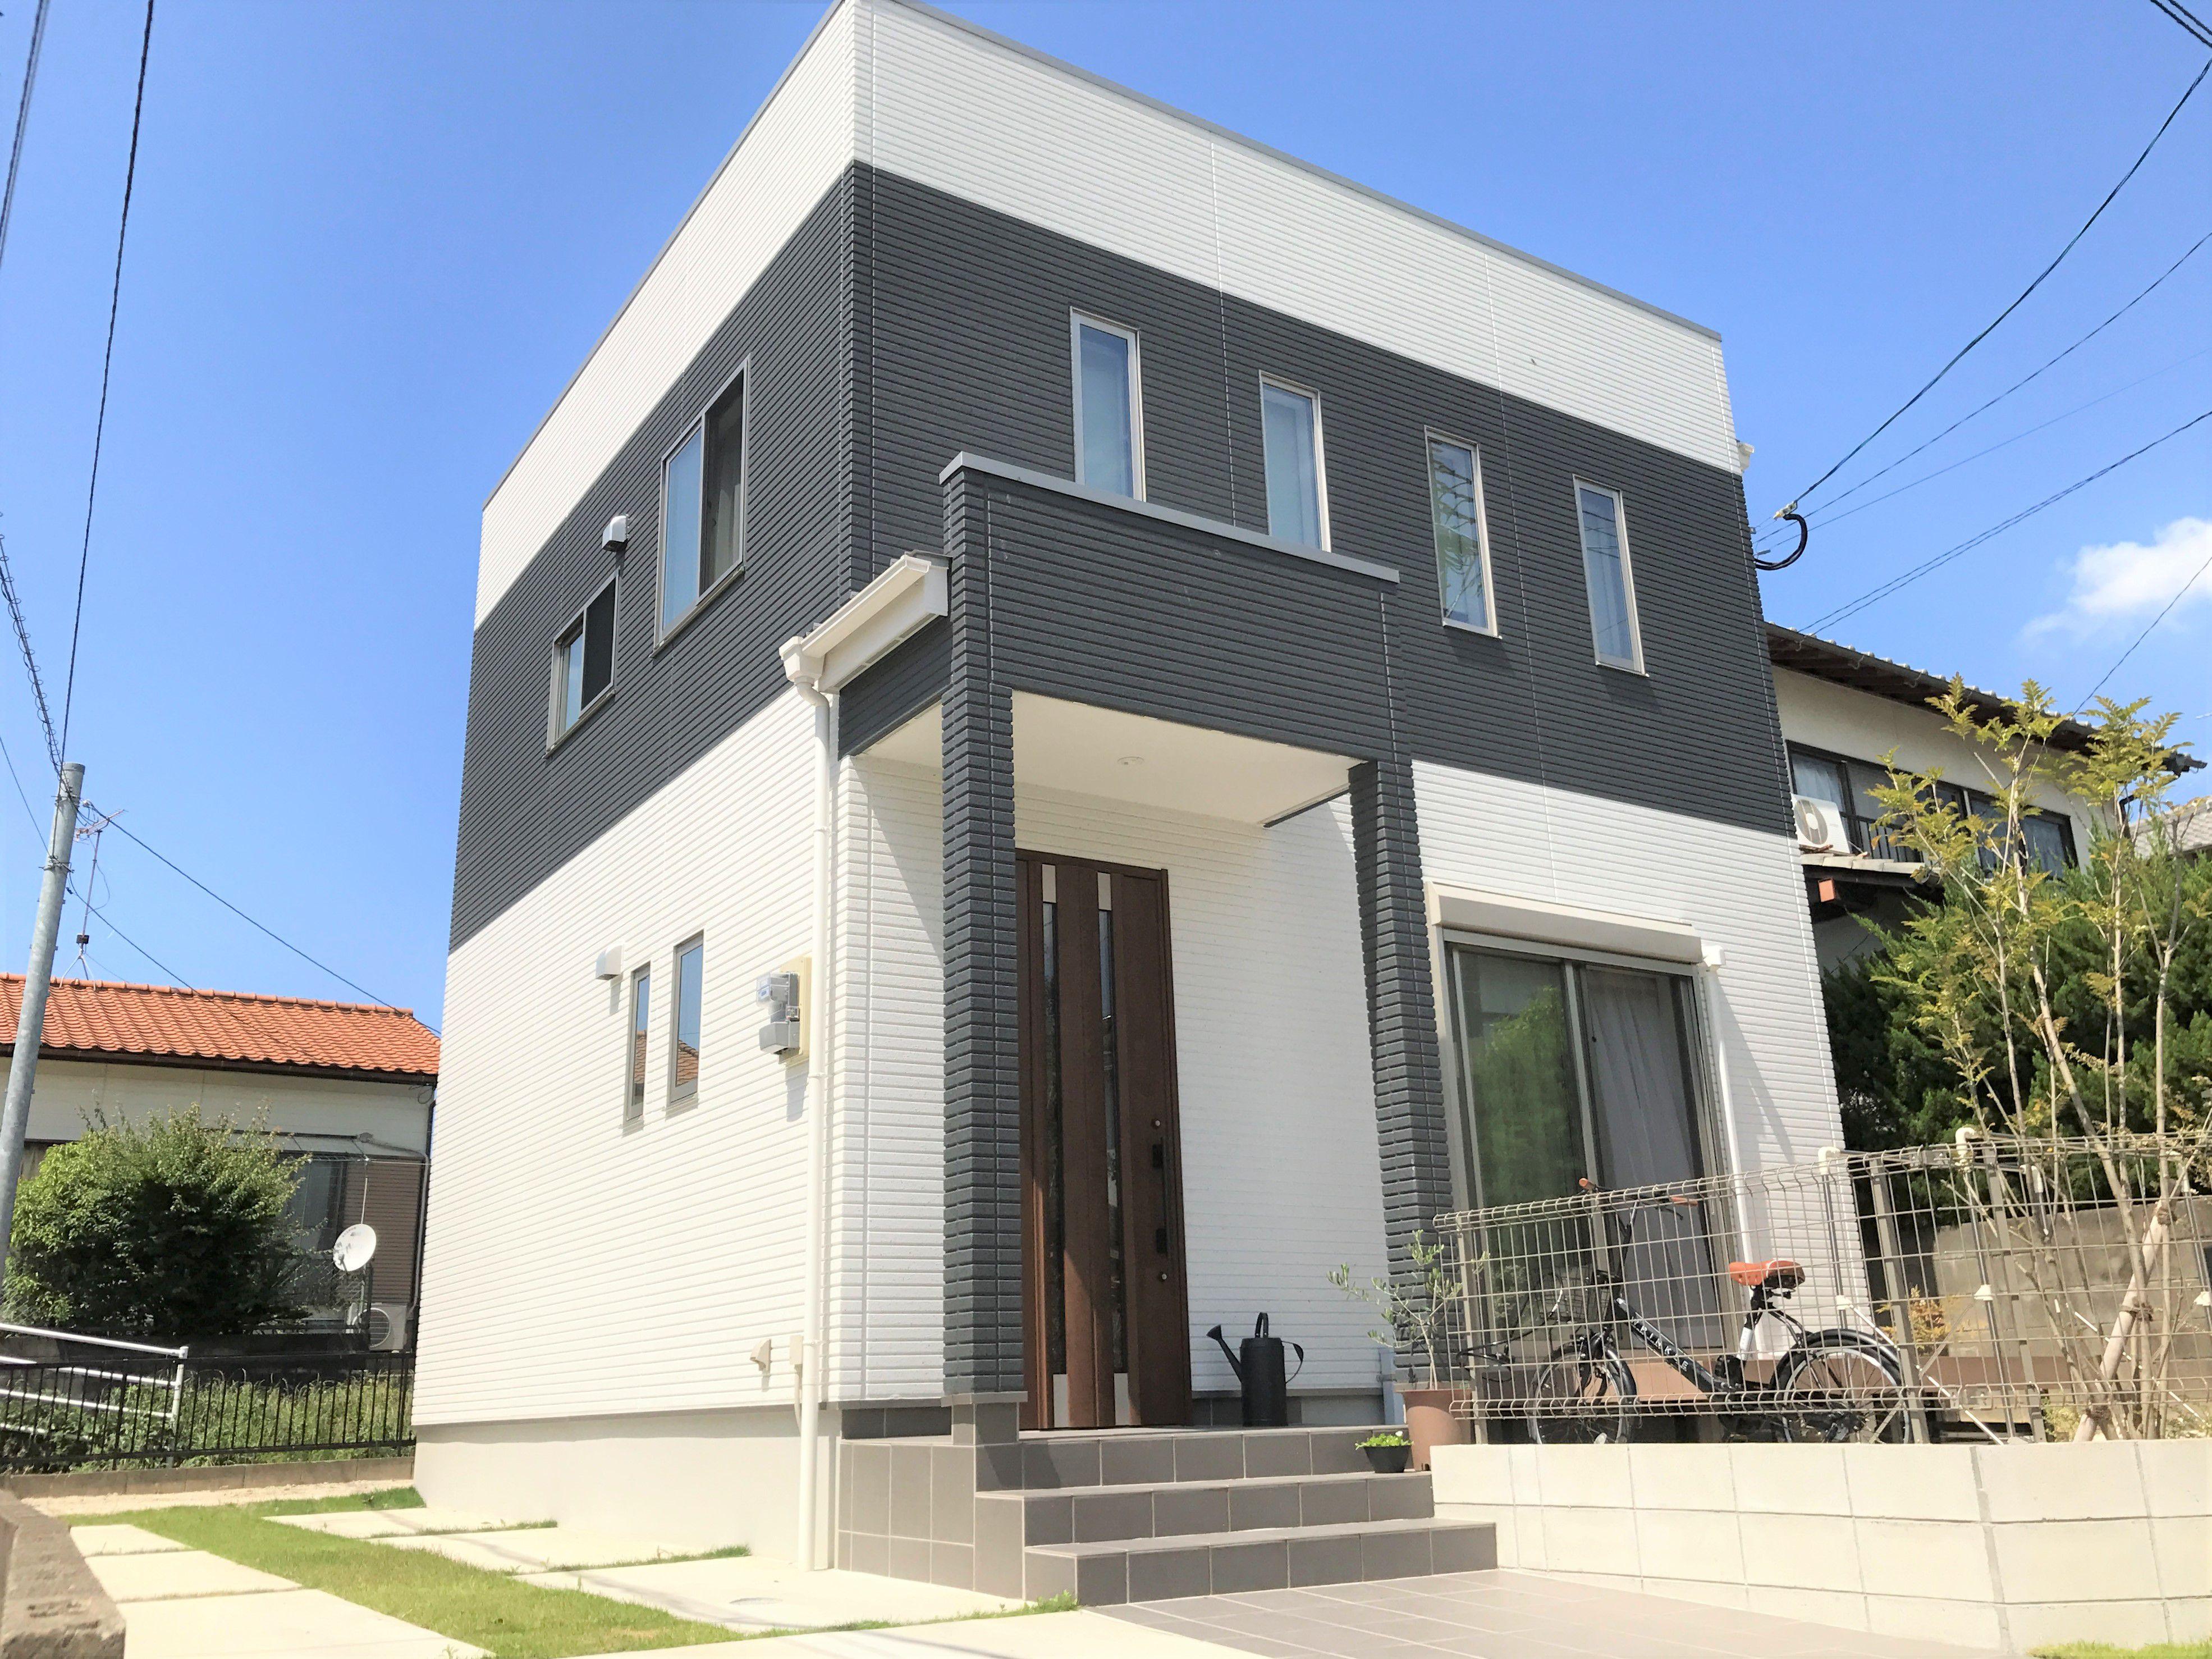 屋根は陸屋根にし四角い外観のシンプルモダンなお家になりました。南側は道路で人通りもあるので、窓は縦長のものを並べ採光も確保しつつ、デザイン性を持たせました。